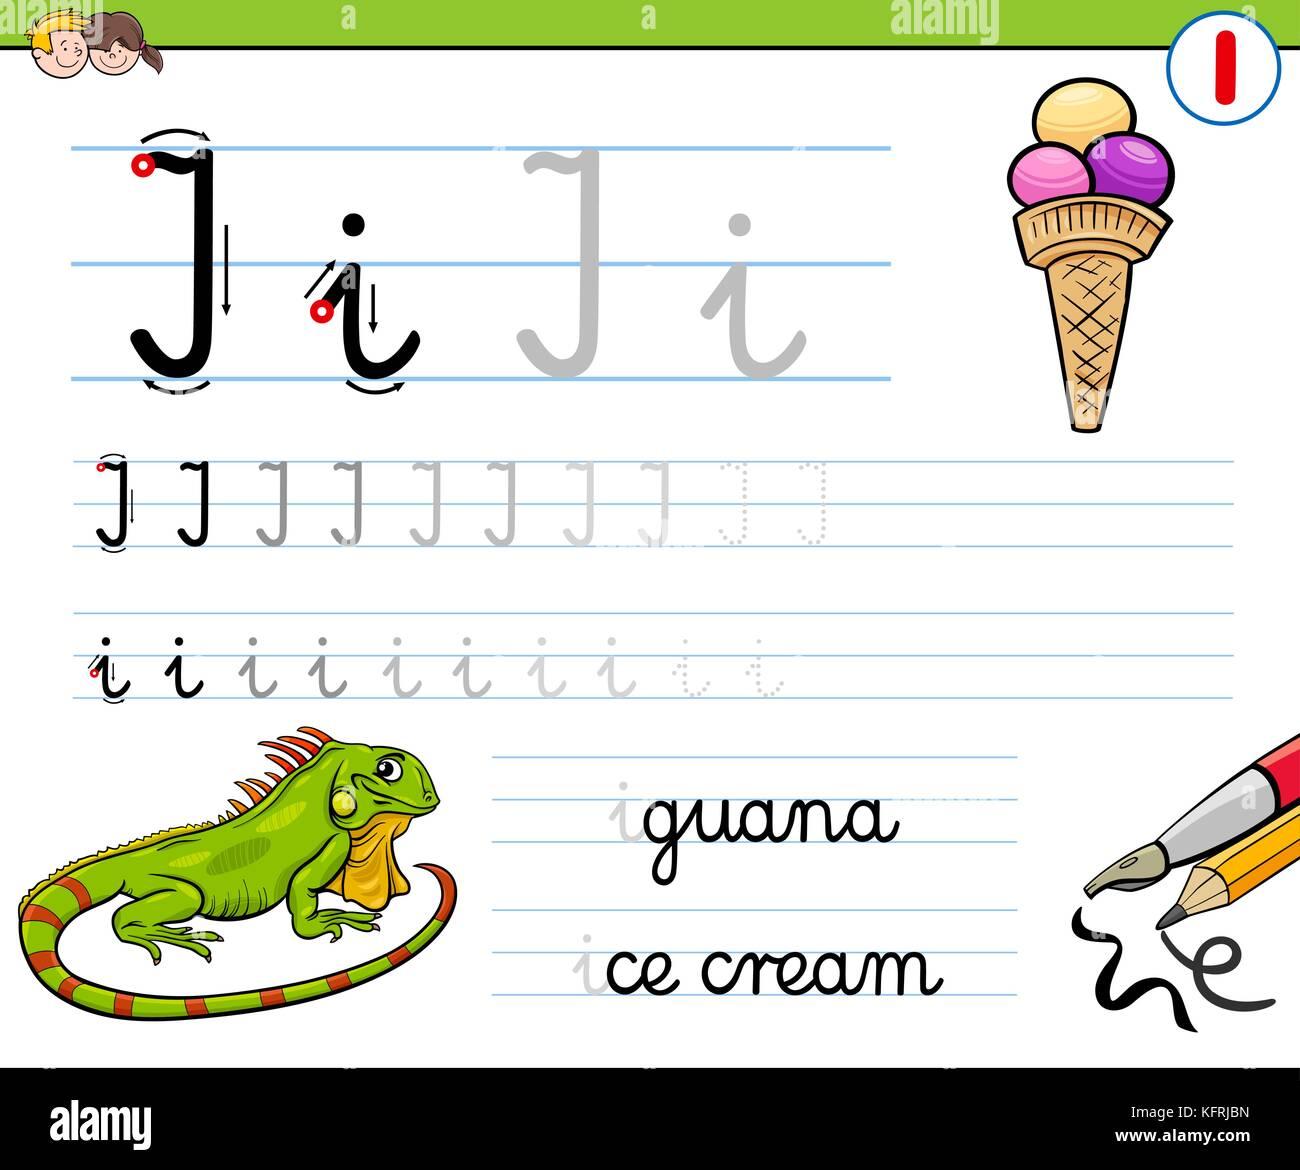 Letter I Iguana Stock Photos Amp Letter I Iguana Stock